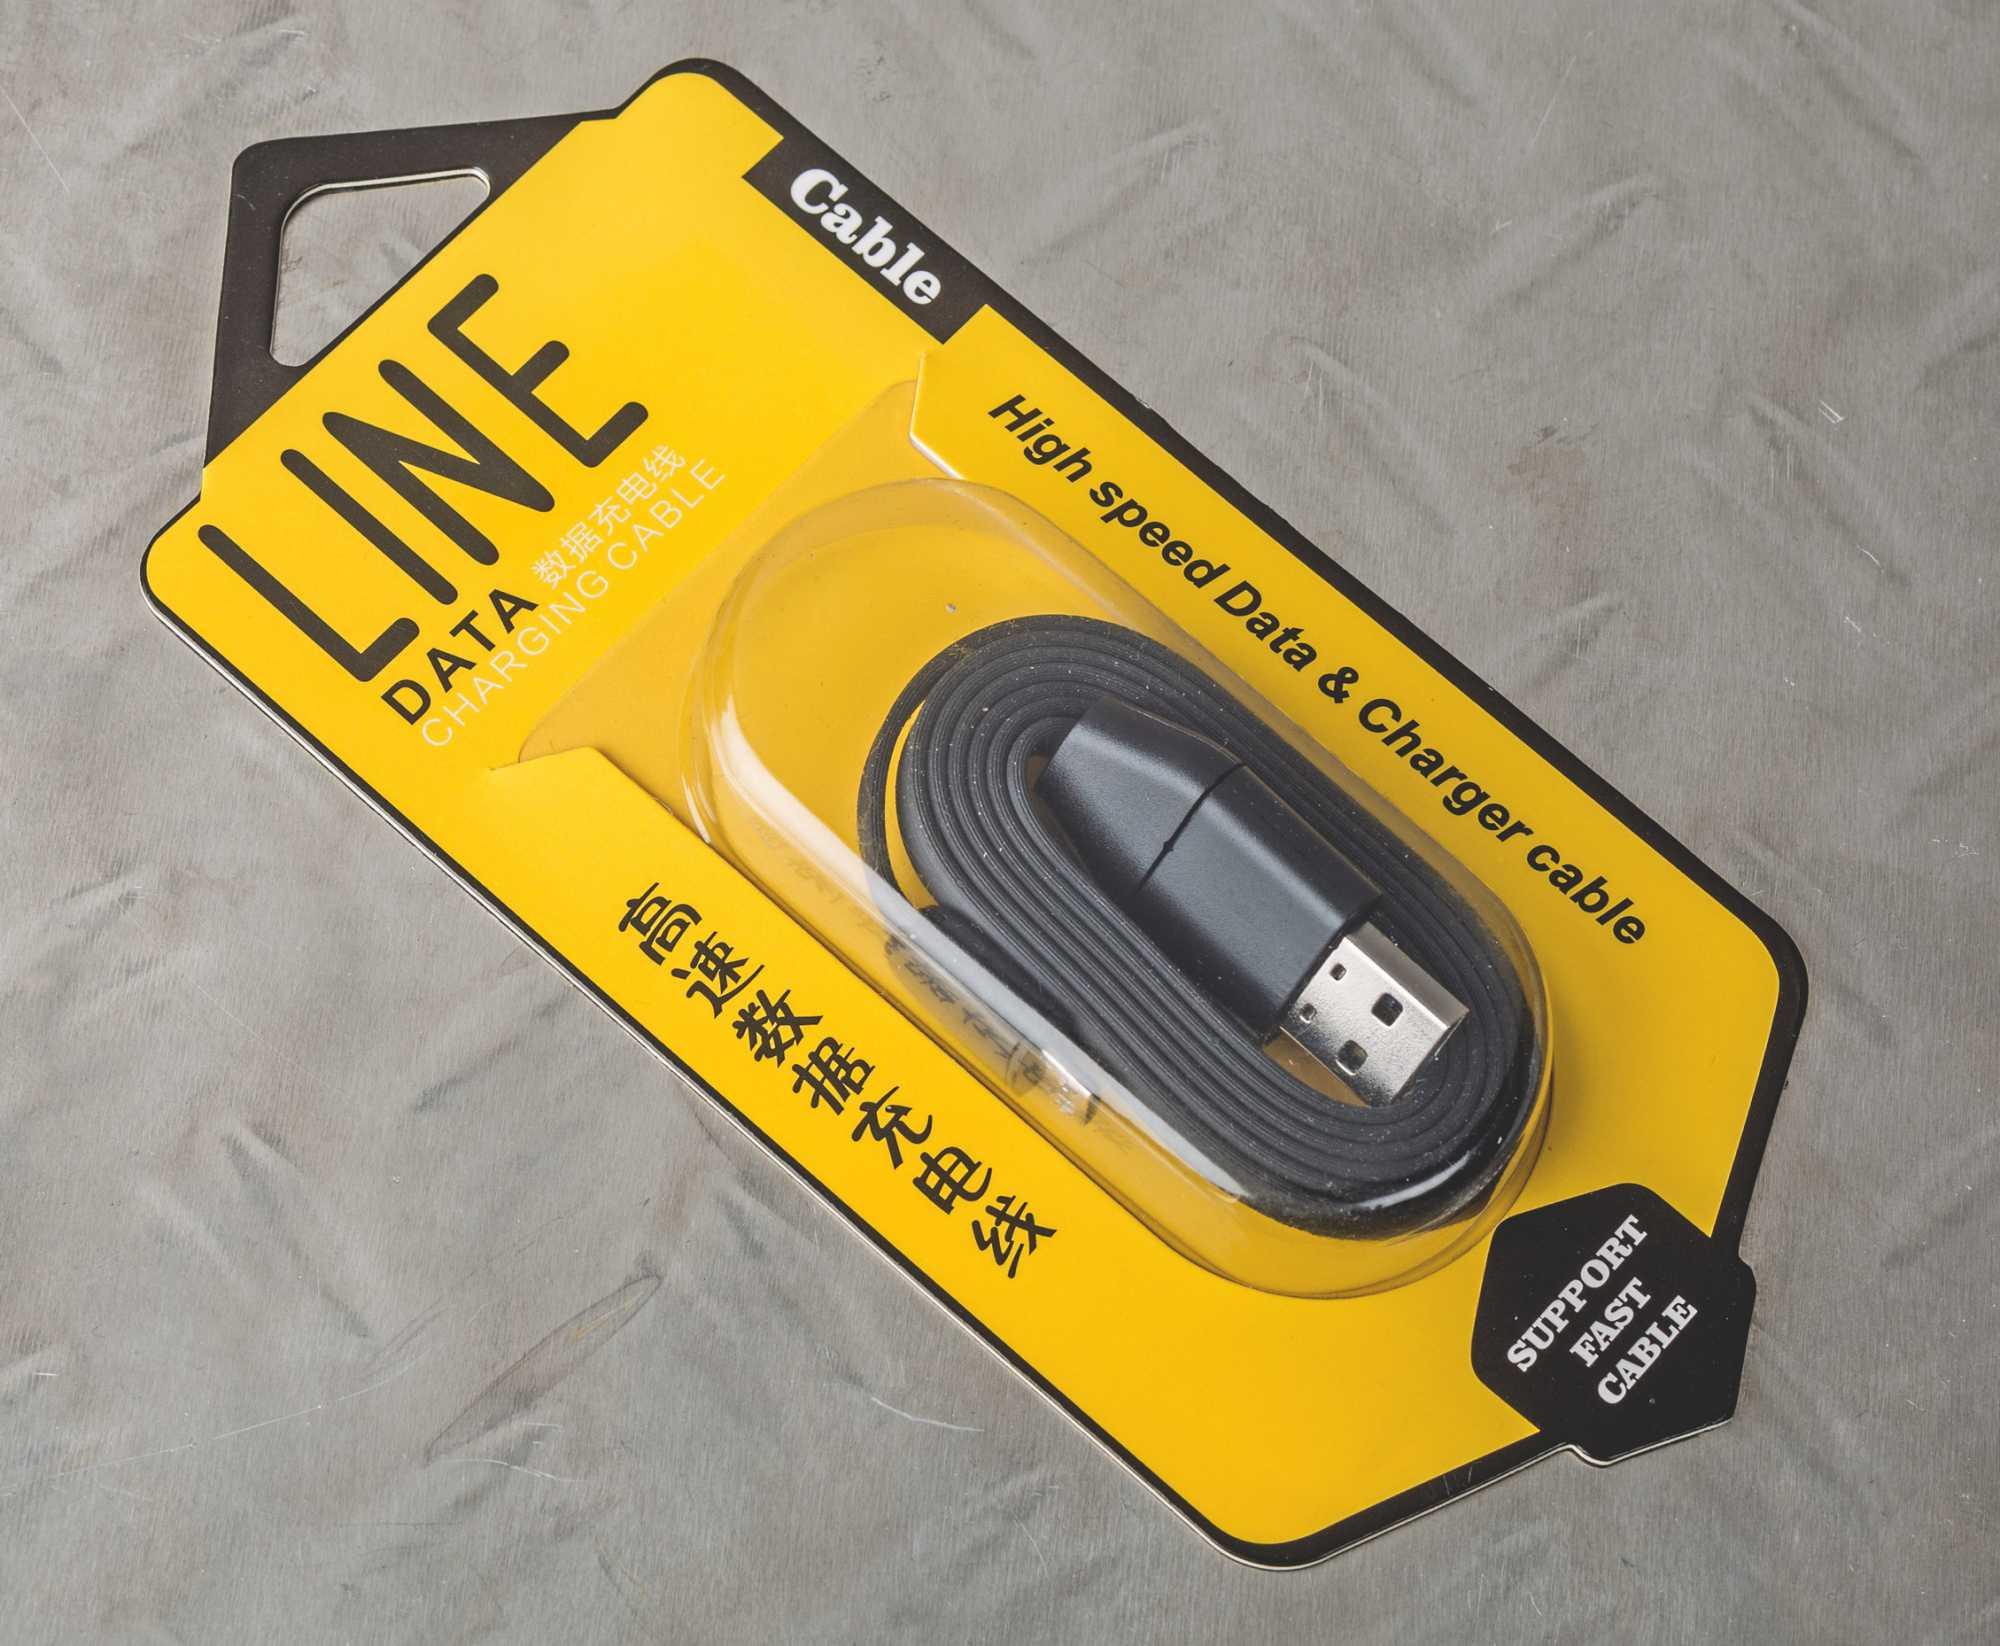 Dieses USB-Kabel ist eine verbotene GSM-Wanze.